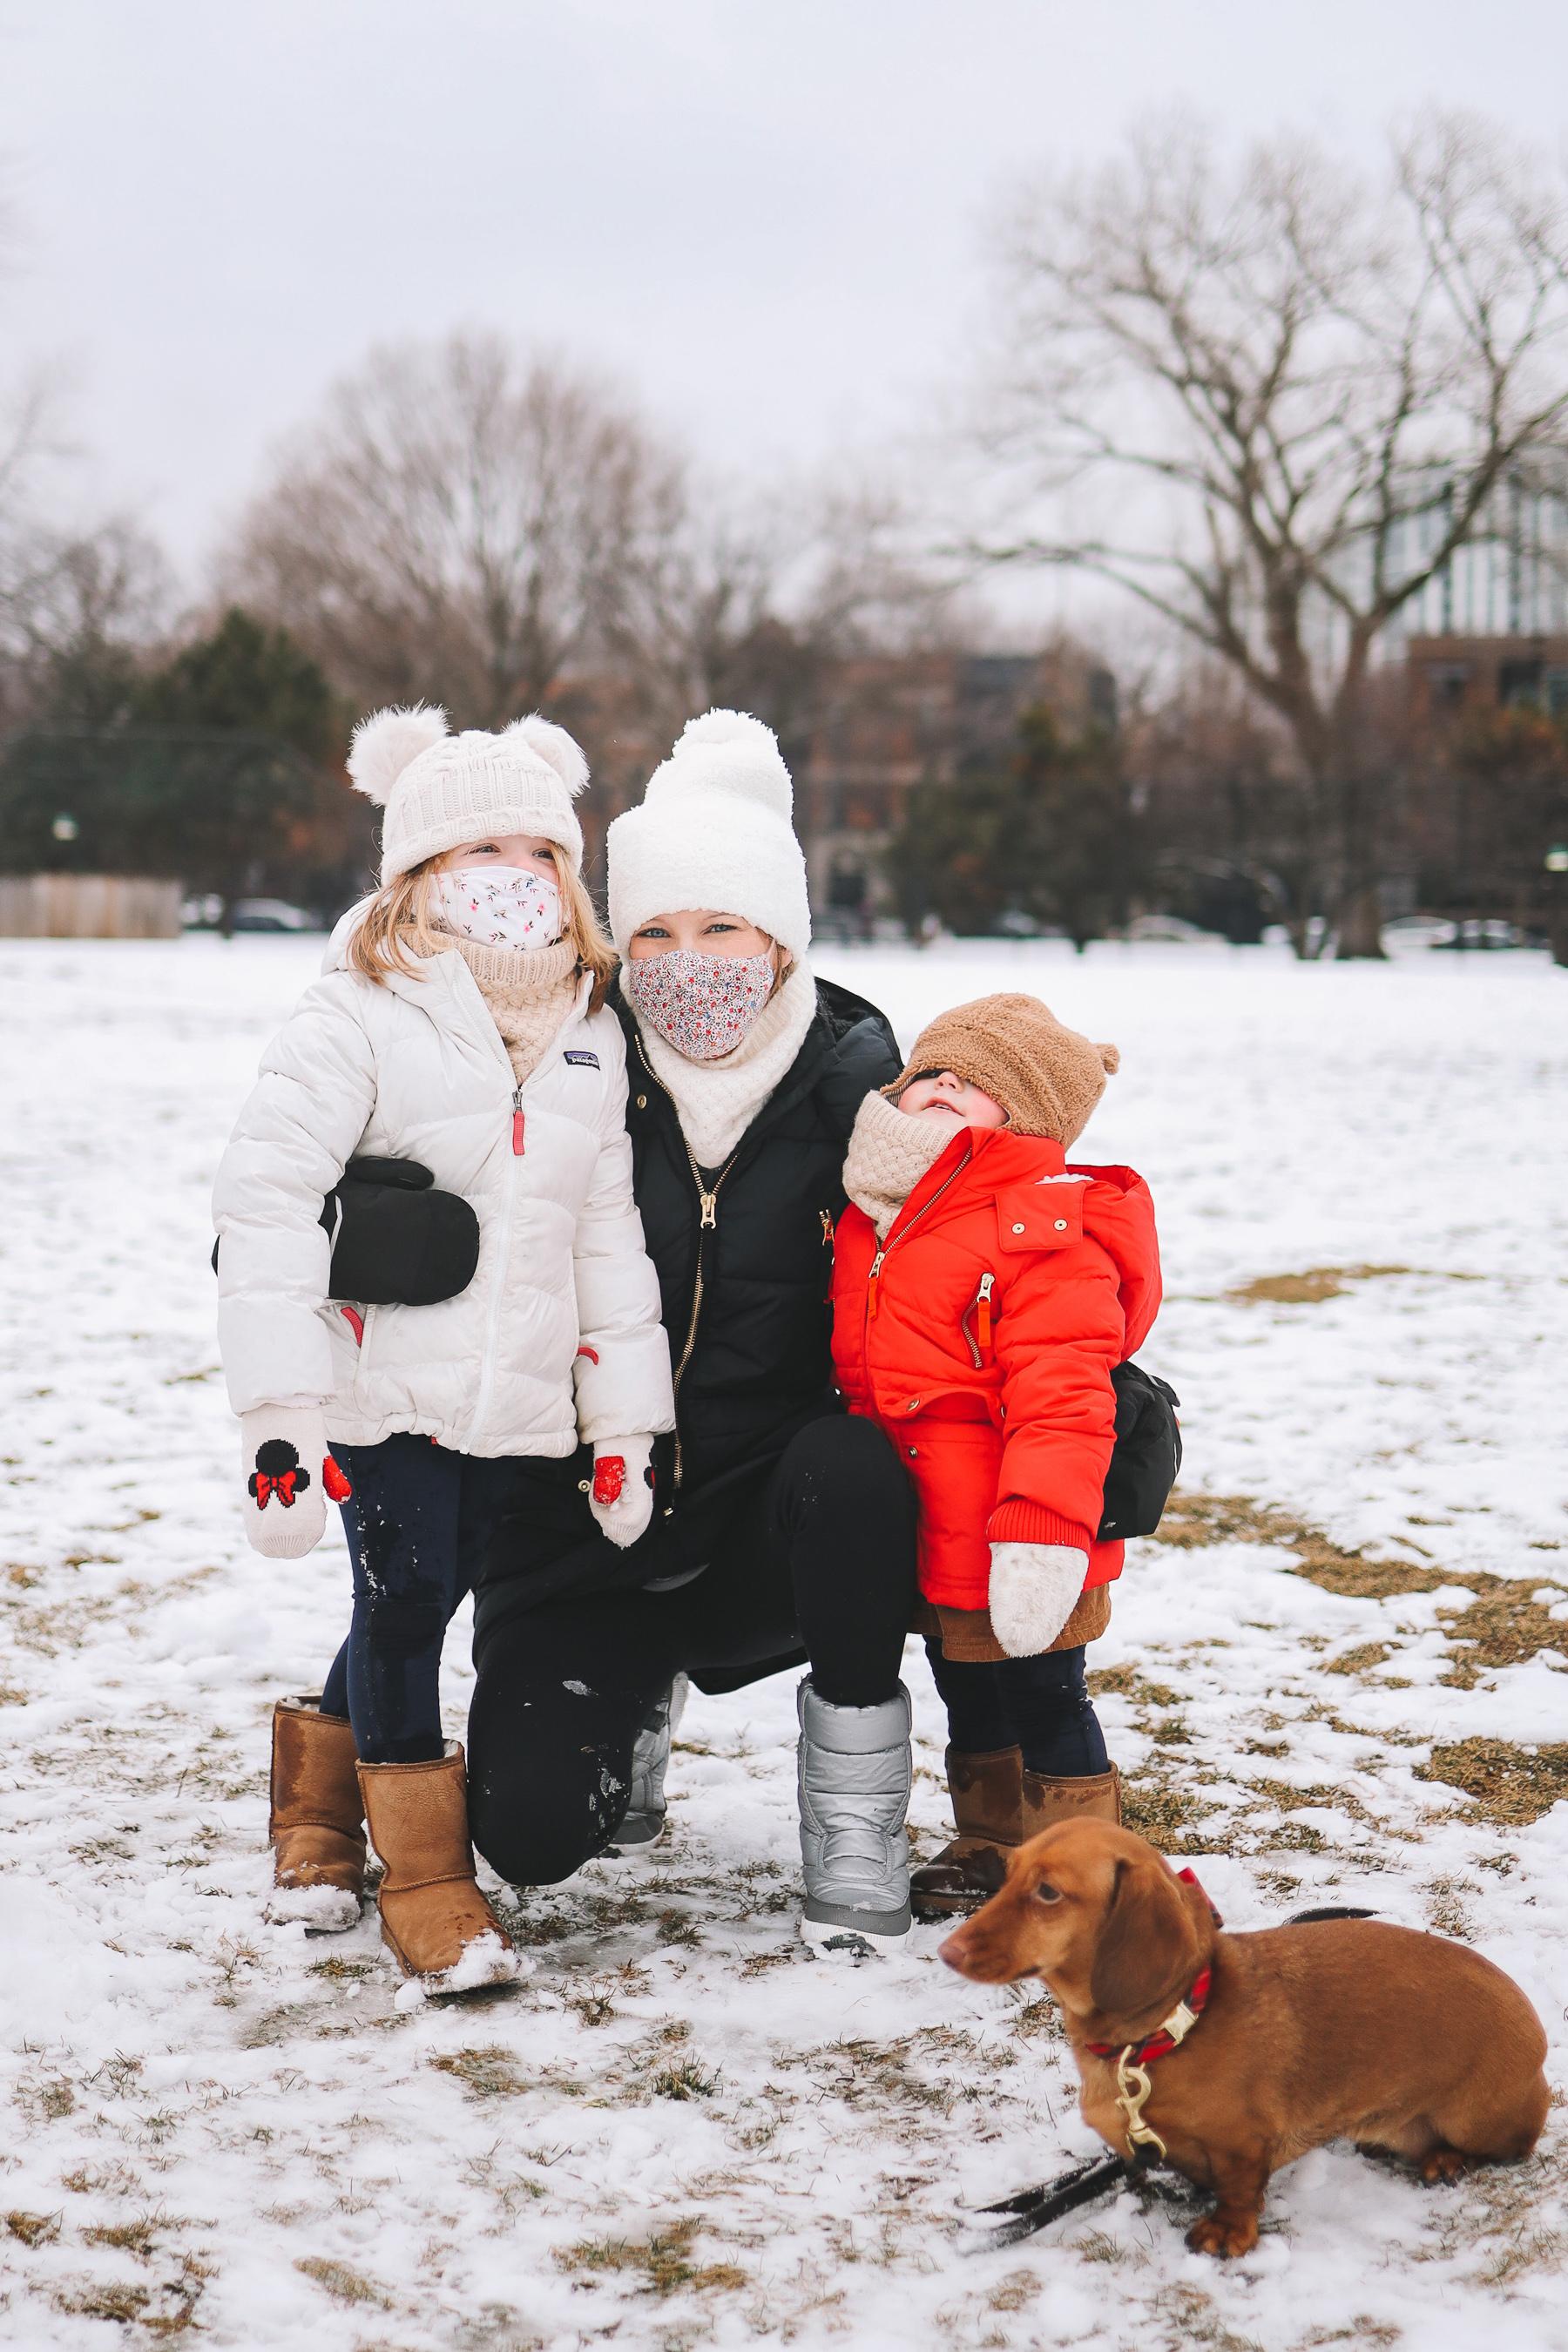 oz park in winter